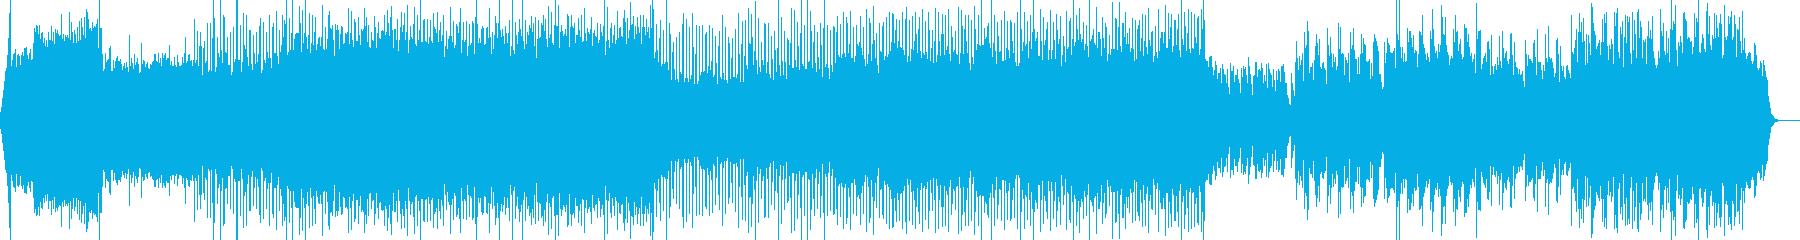 【変拍子】炎、戦闘、バイオリンハザードの再生済みの波形